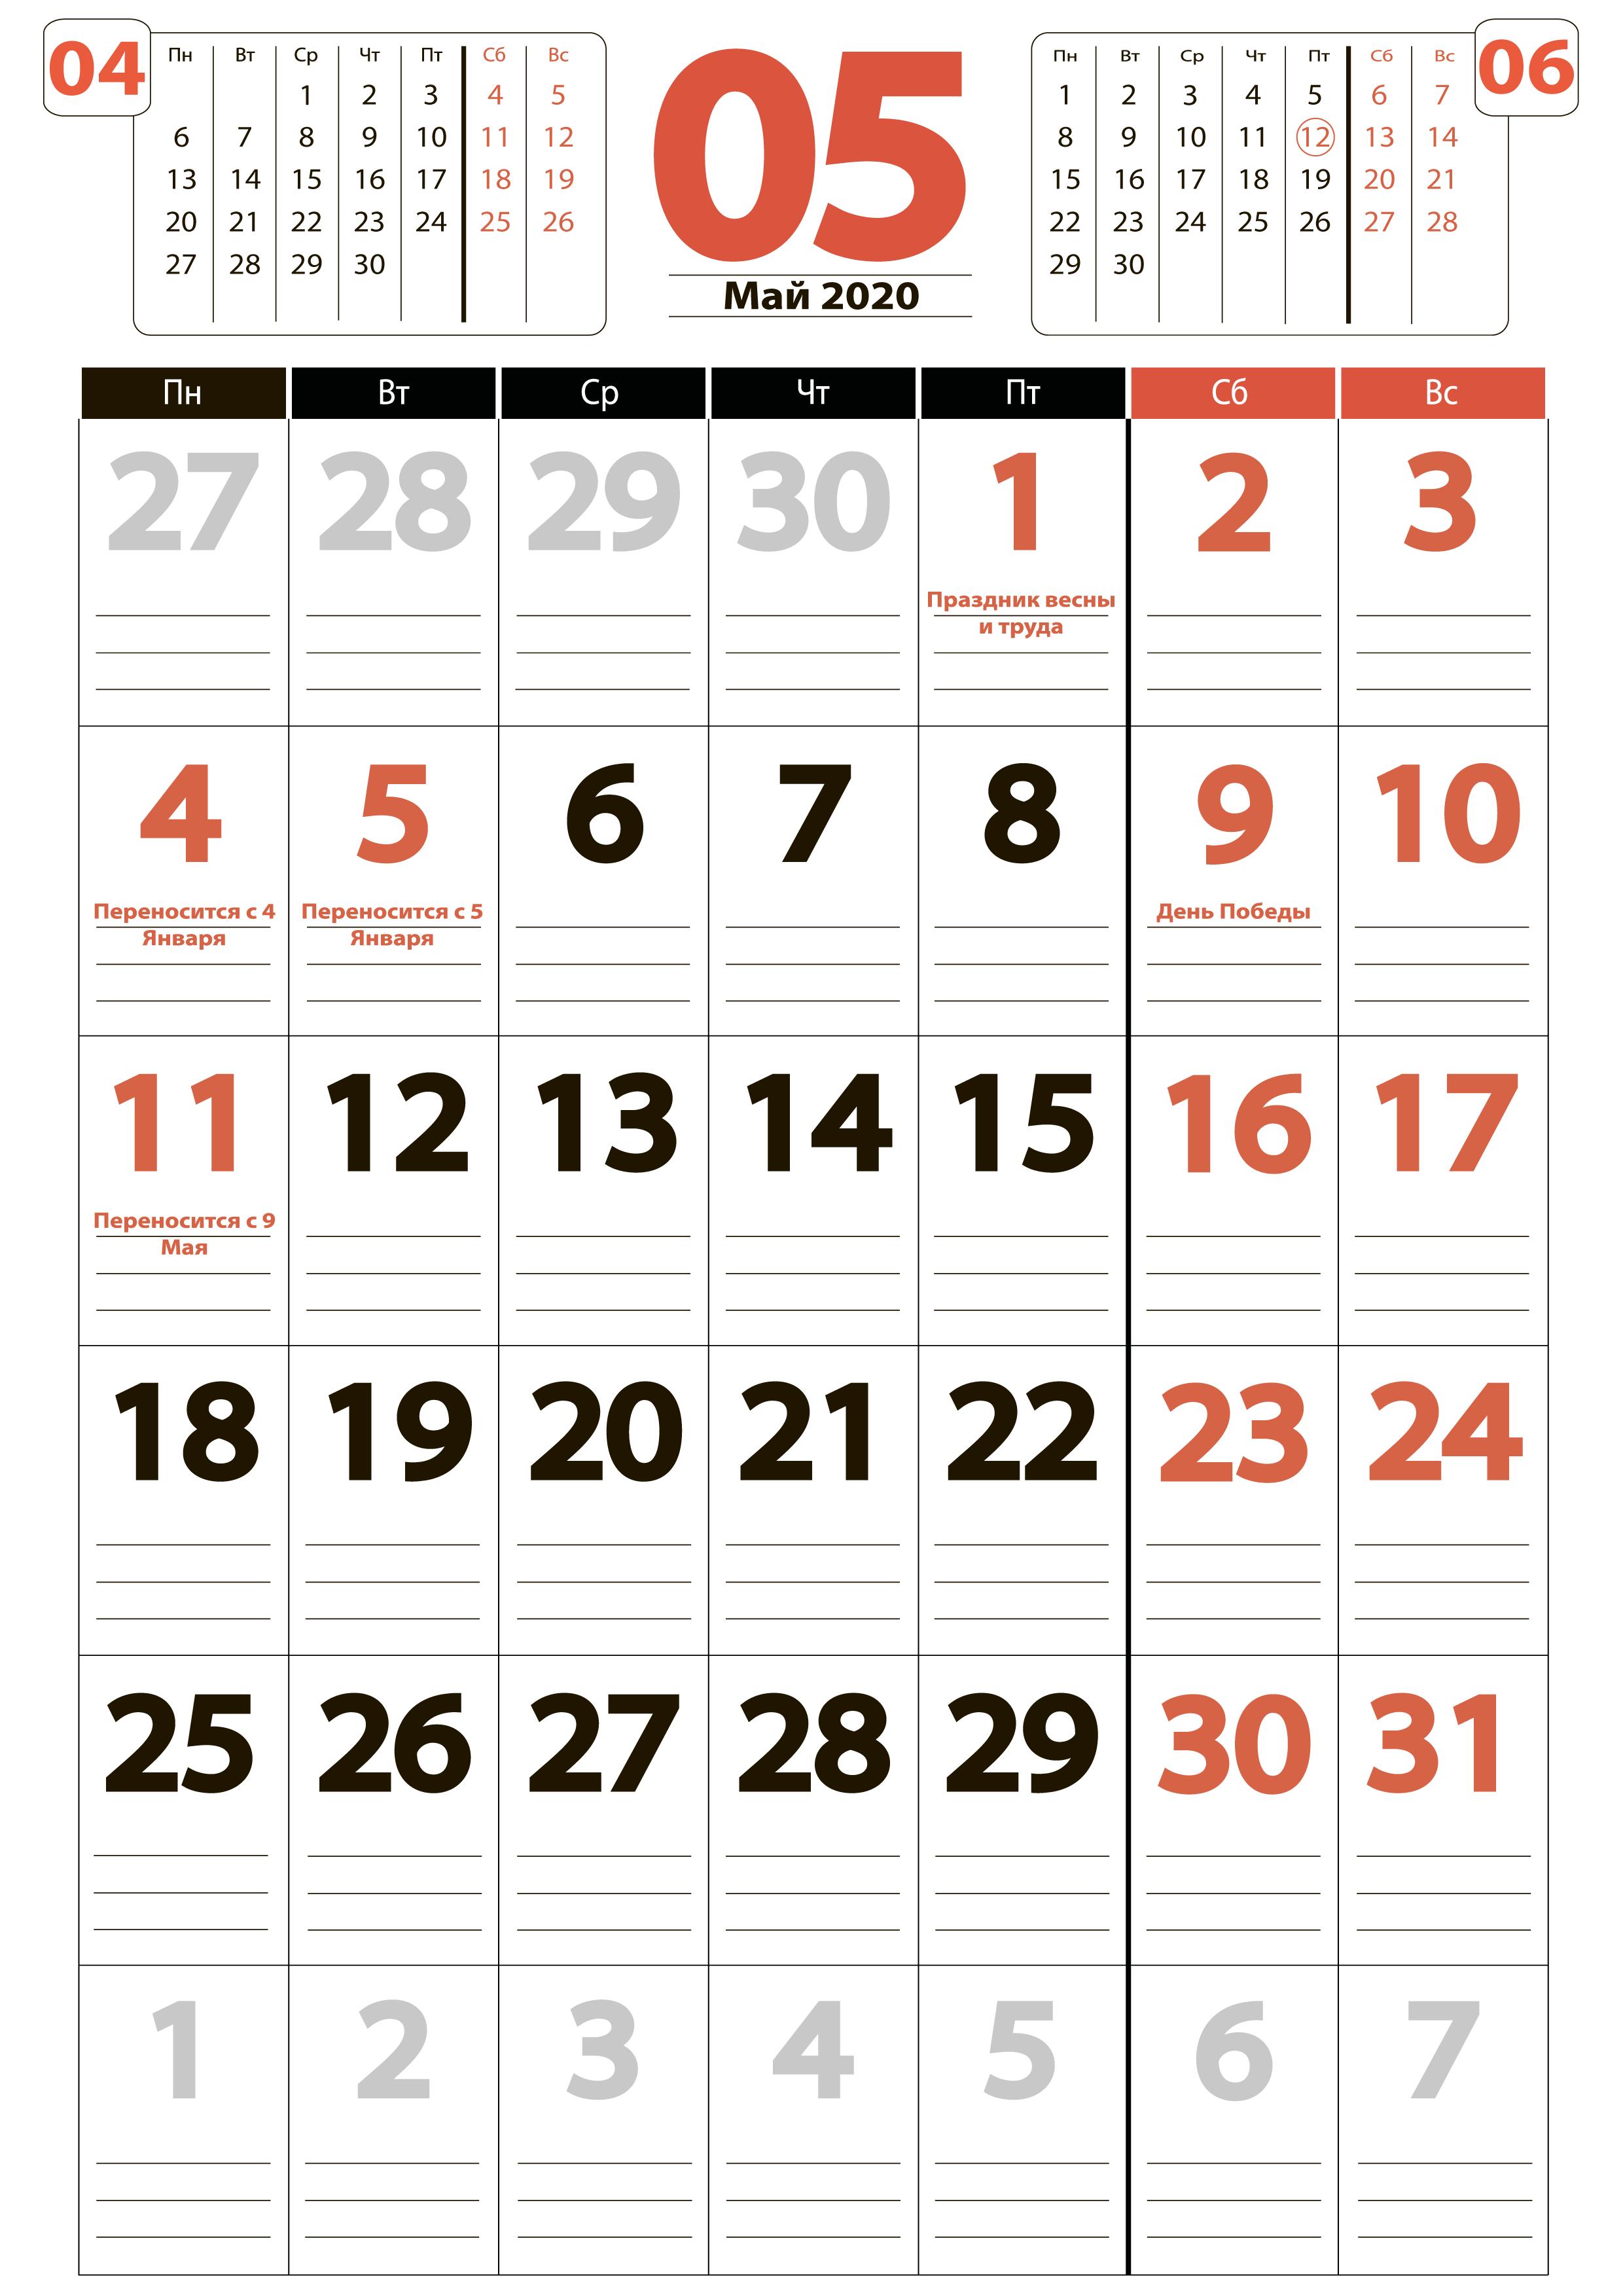 Май 2020 - Крупный календарь на месяц